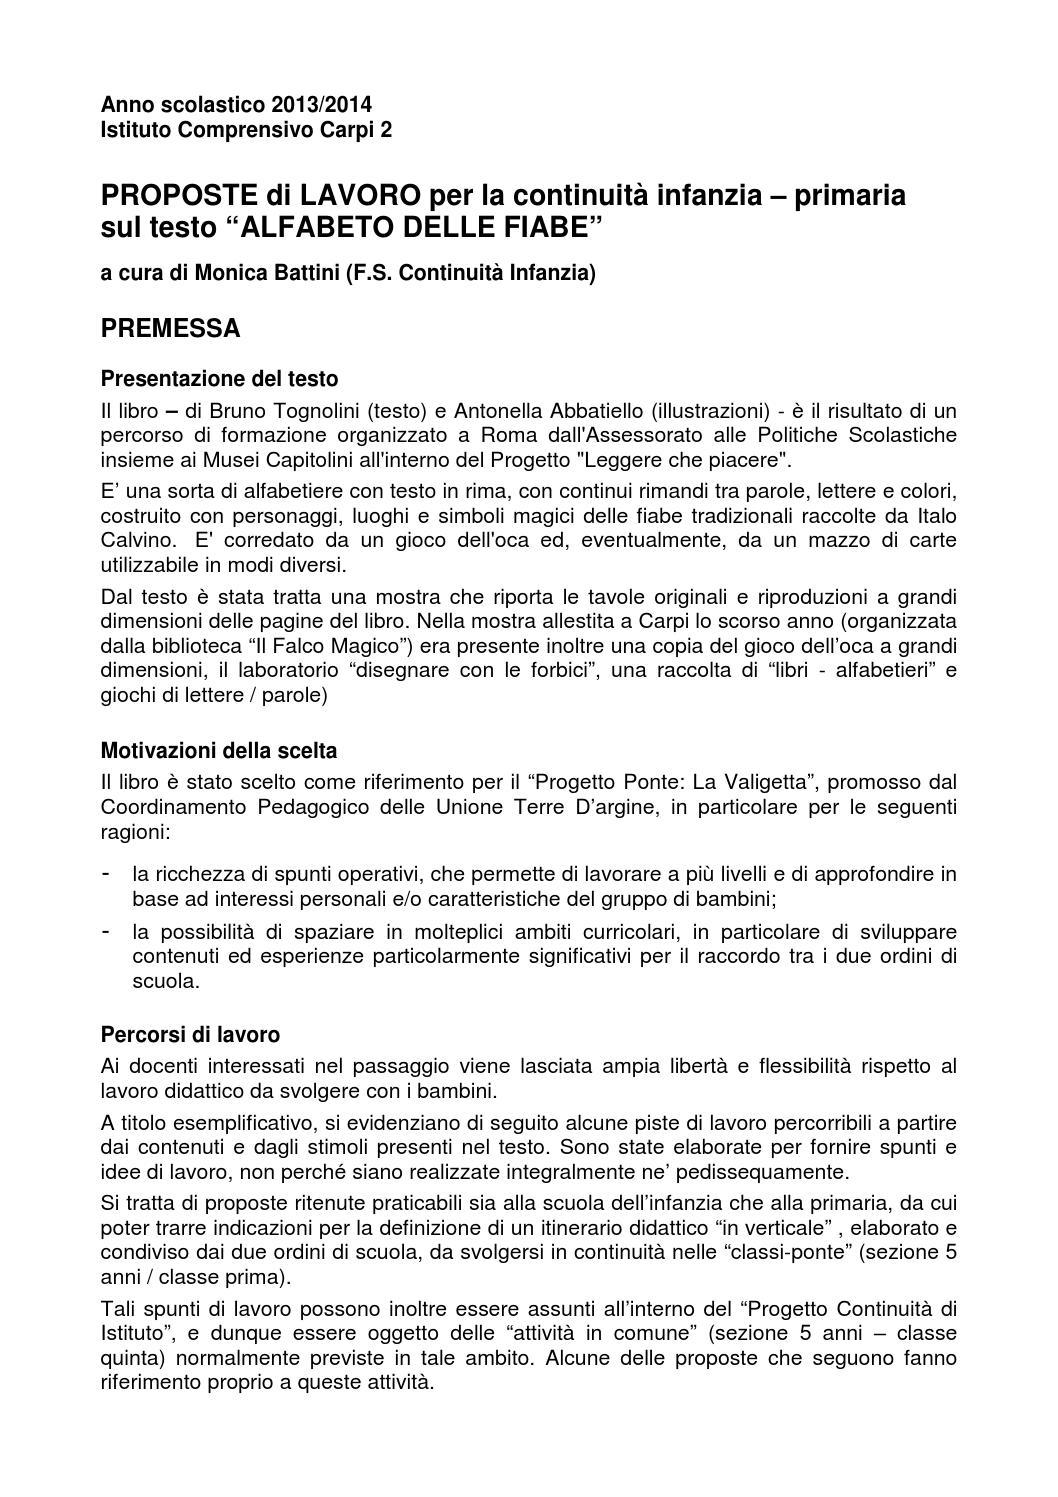 Scopri tutte le offerte di lavoro per Proposte a Roma. Abbiamo trovato + offerte di lavoro per Proposte. Lavoro a tempo pieno, temporaneo e part-time. Jooble - .